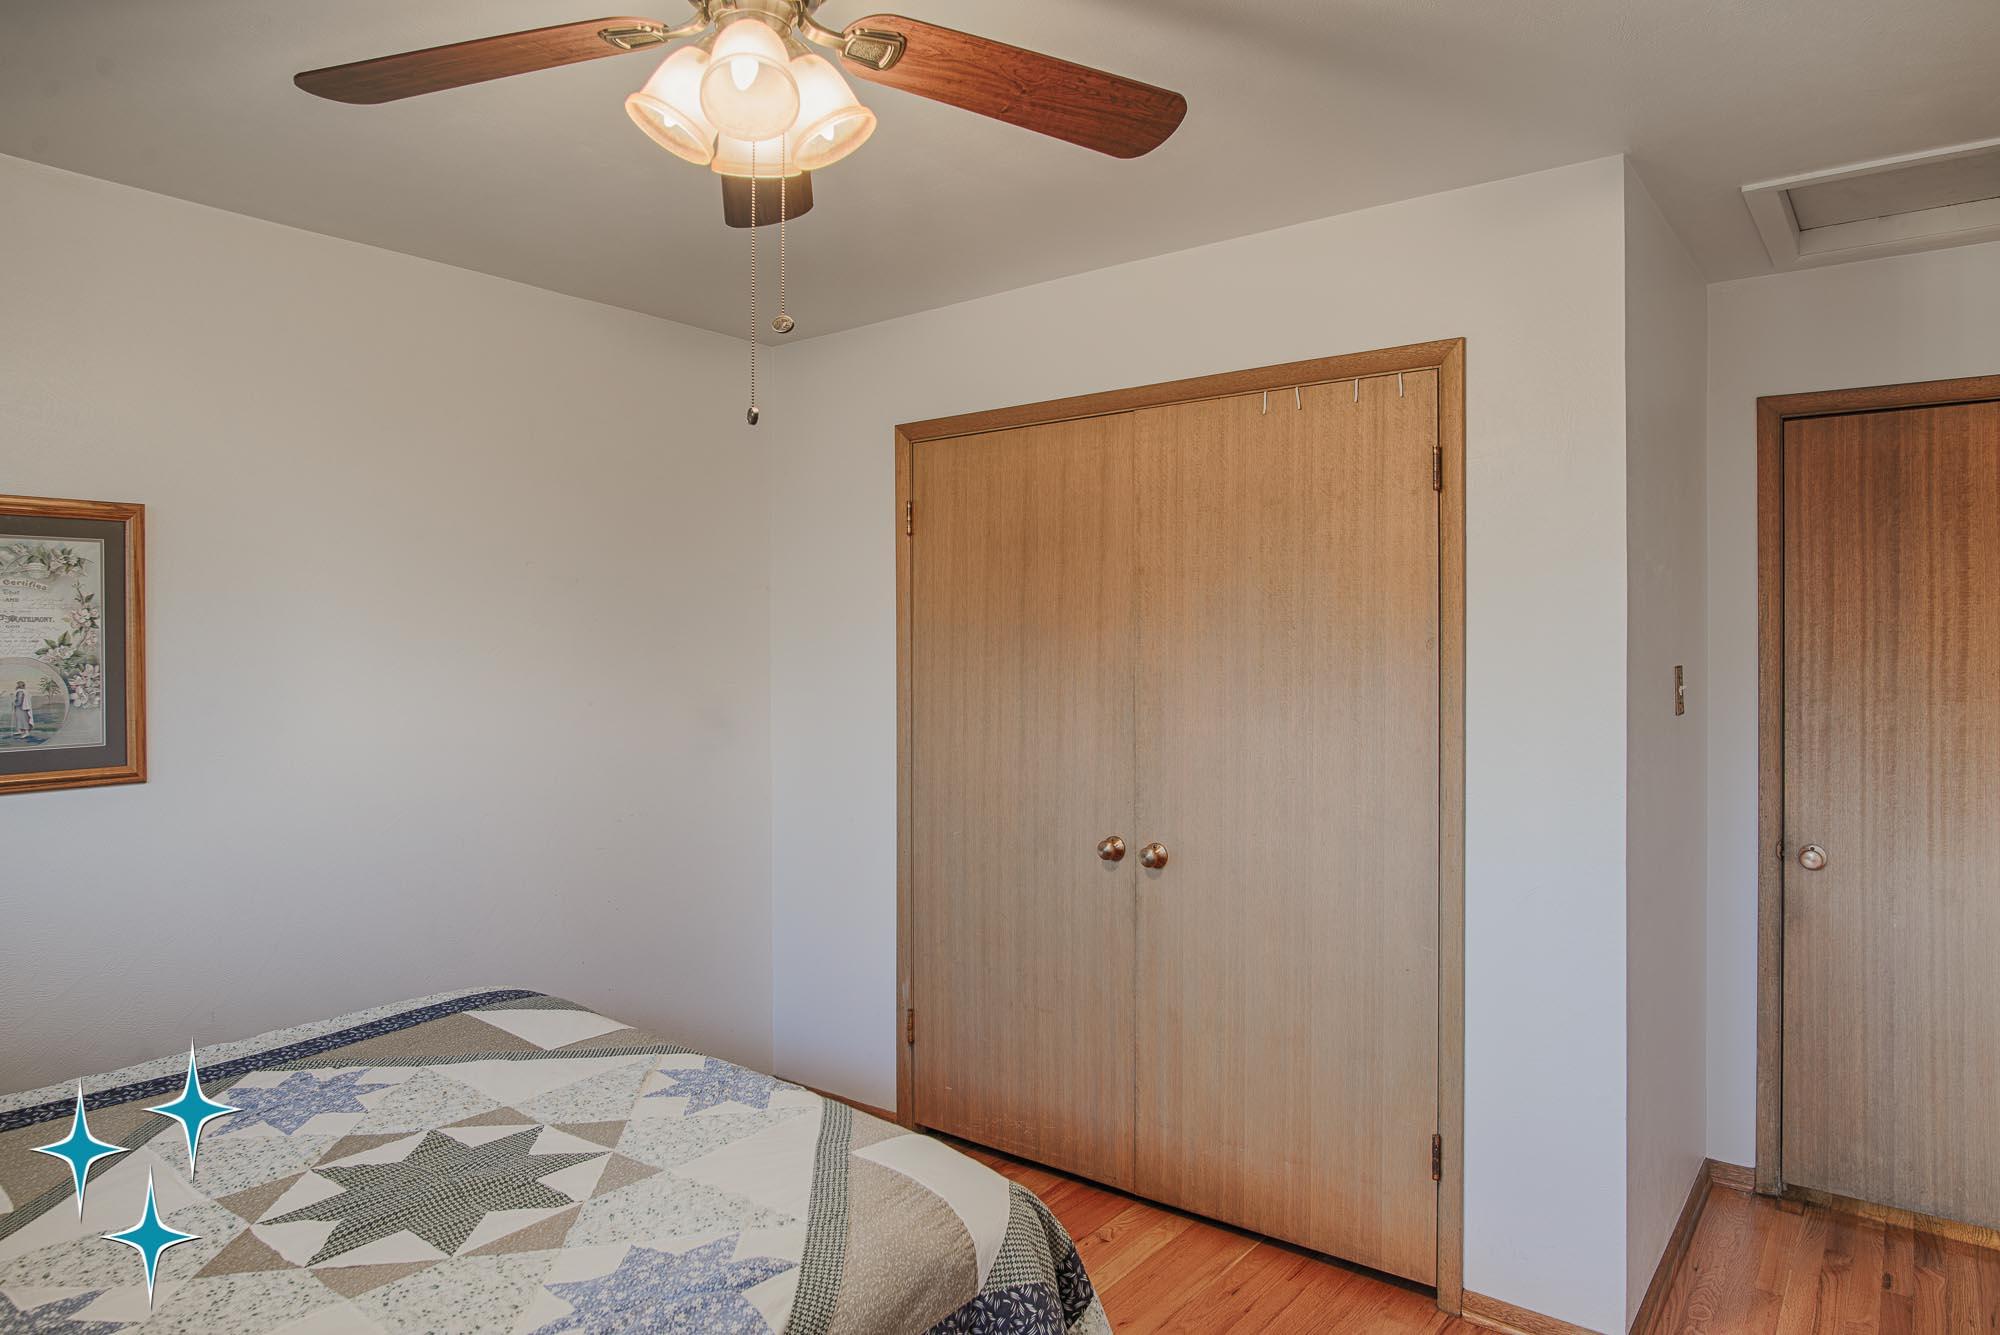 Adrian-Kinney-4155-W-Iliff-Avenue-Denver-r-Carey-Holiday-Home-2000w50-3SWM-24.jpg